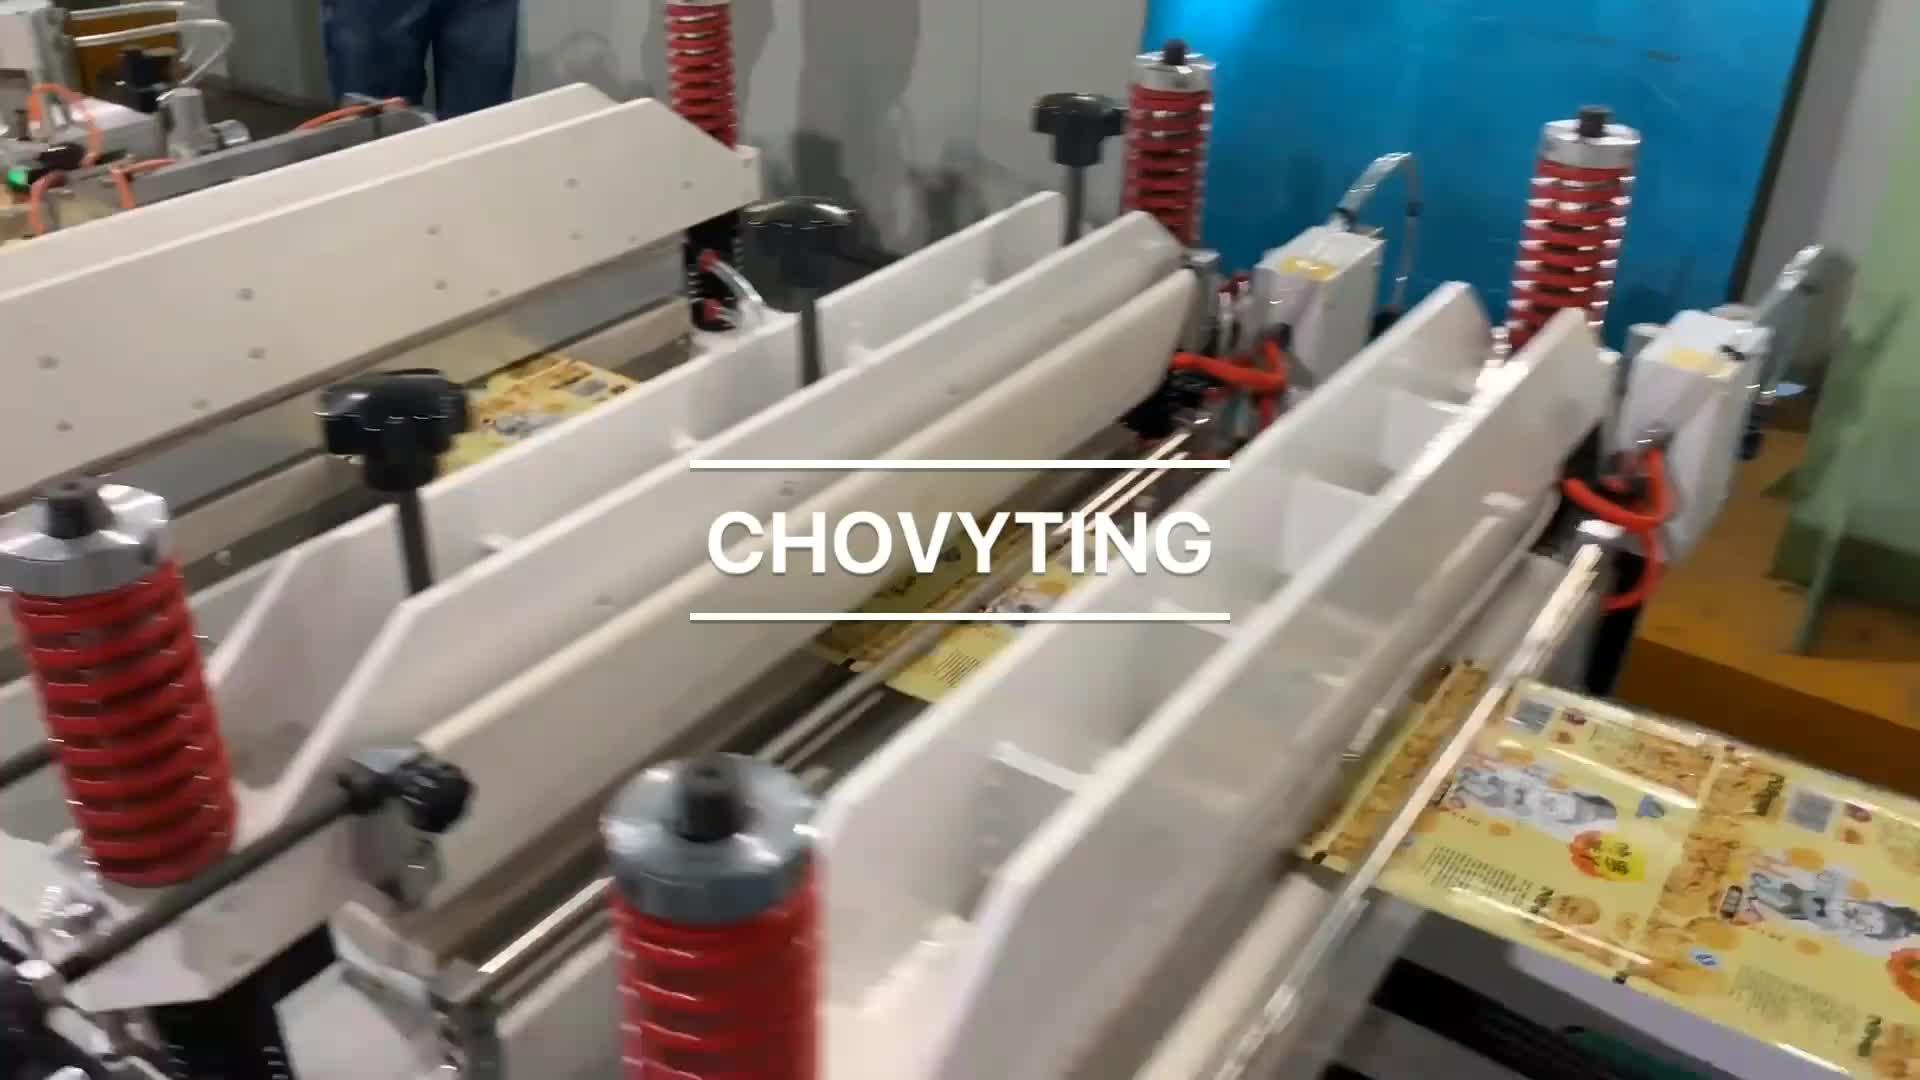 Automatique stratifié stand up sac en plastique machine de casse-croûte de nourriture liquide d'emballage de tirette de doypack pochette sac faisant la machine